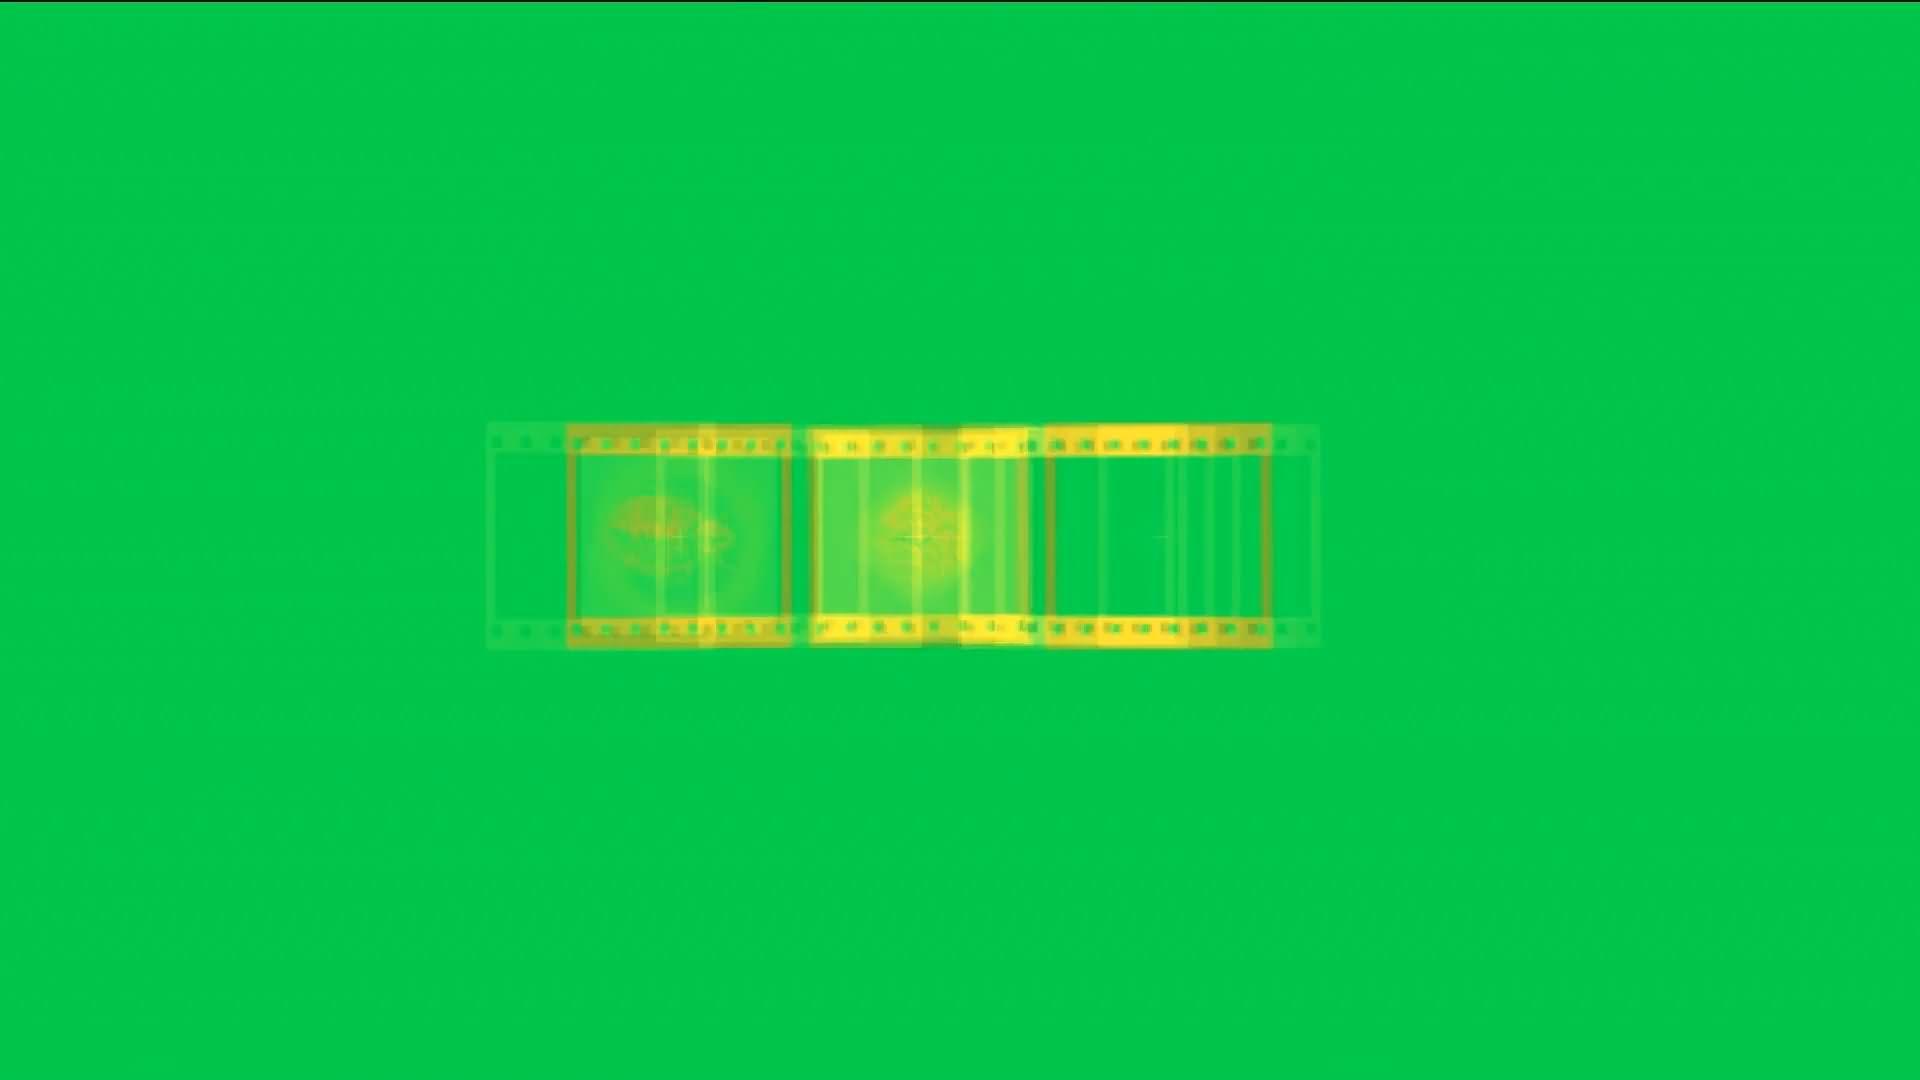 绿屏抠像闪烁的金色胶片.jpg